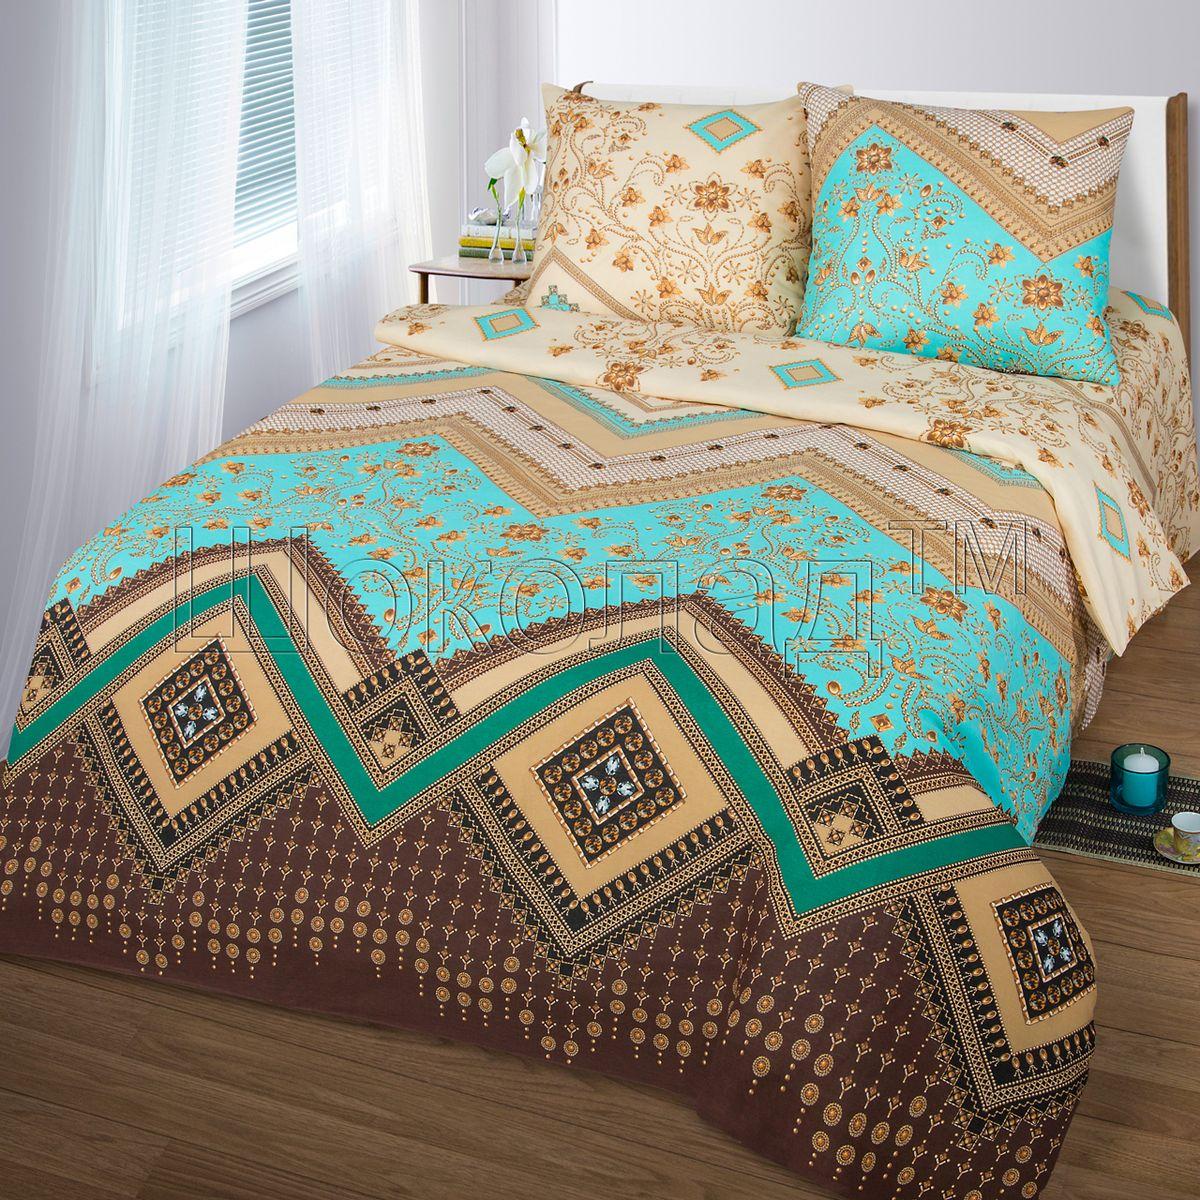 Комплект белья Шоколад Ривьера, семейный, наволочки 70x70. Б120Б120Комплект постельного белья Шоколад Ривьера является экологически безопасным для всей семьи, так как выполнен из натурального хлопка. Комплект состоит из двух пододеяльников, простыни и двух наволочек. Постельное белье оформлено оригинальным рисунком и имеет изысканный внешний вид.Бязь - это ткань полотняного переплетения, изготовленная из экологически чистого и натурального 100% хлопка. Она прочная, мягкая, обладает низкой сминаемостью, легко стирается и хорошо гладится. Бязь прекрасно пропускает воздух и за ней легко ухаживать. При соблюдении рекомендуемых условий стирки, сушки и глажения ткань имеет усадку по ГОСТу, сохранятся яркость текстильных рисунков. Приобретая комплект постельного белья Шоколад Ривьера вы можете быть уверены в том, что покупка доставит вам и вашим близким удовольствие и подарит максимальный комфорт.